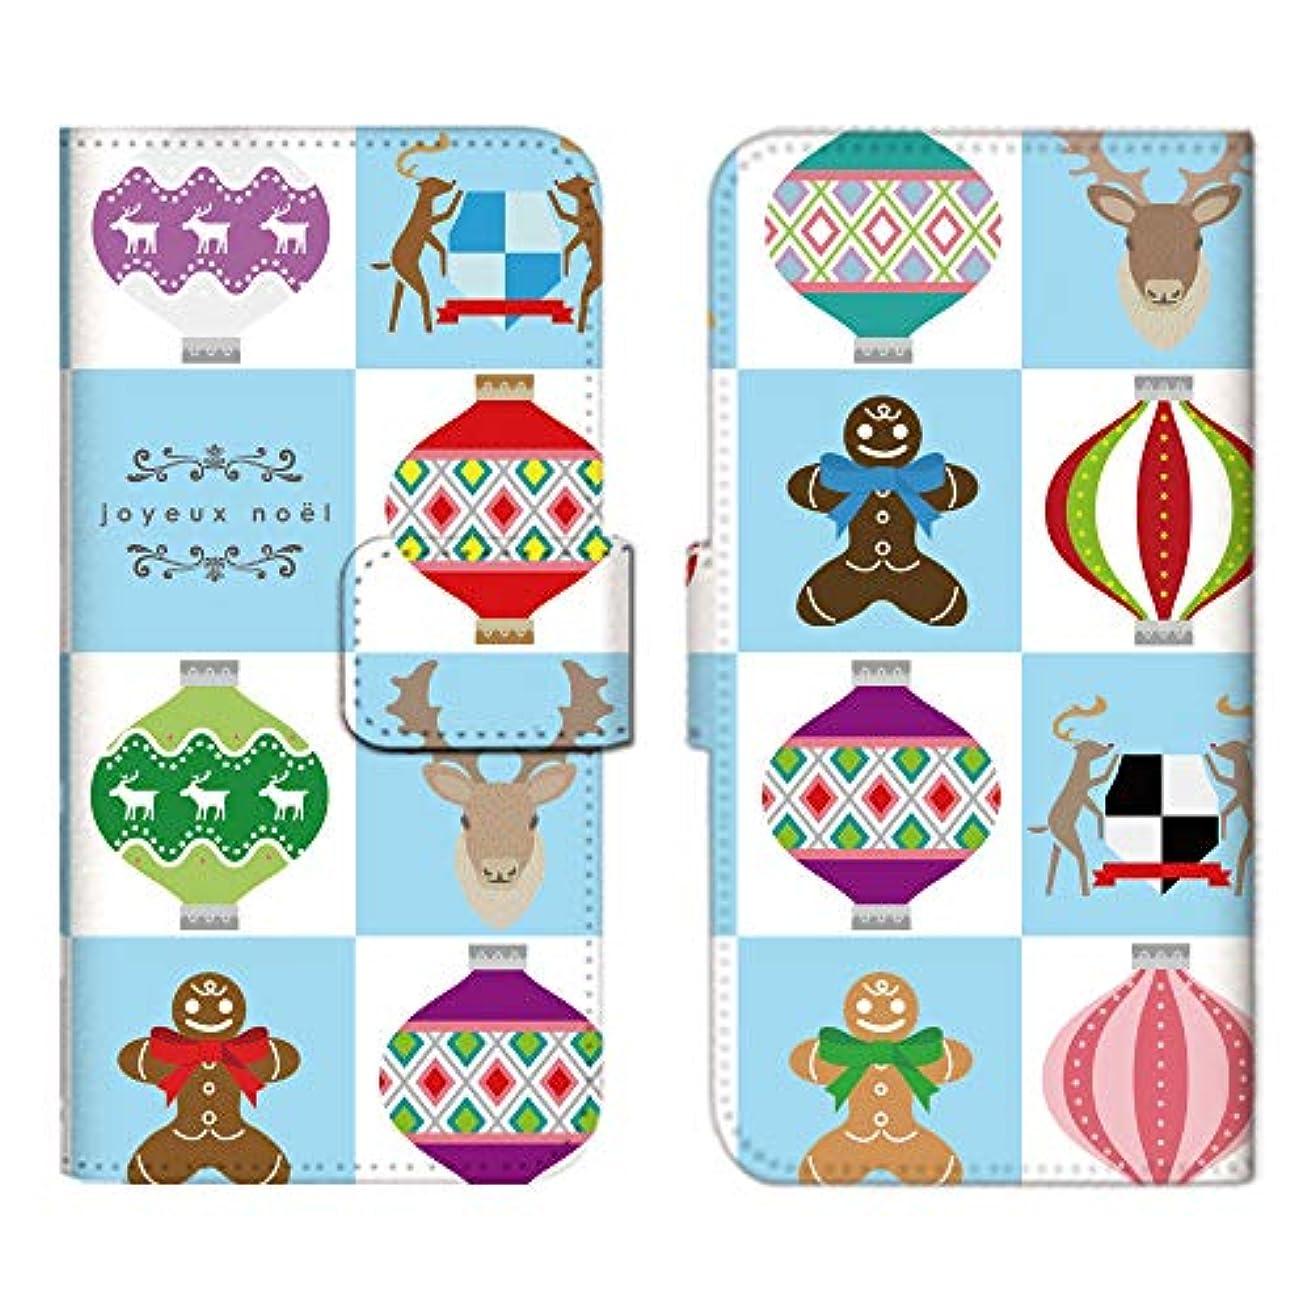 松の木みなさん上Google Pixel3 ケース 手帳型 スマホケース カードケース 収納ポケット カードポケット グーグルピクセル カバー/トナカイ 北欧 クリスマス